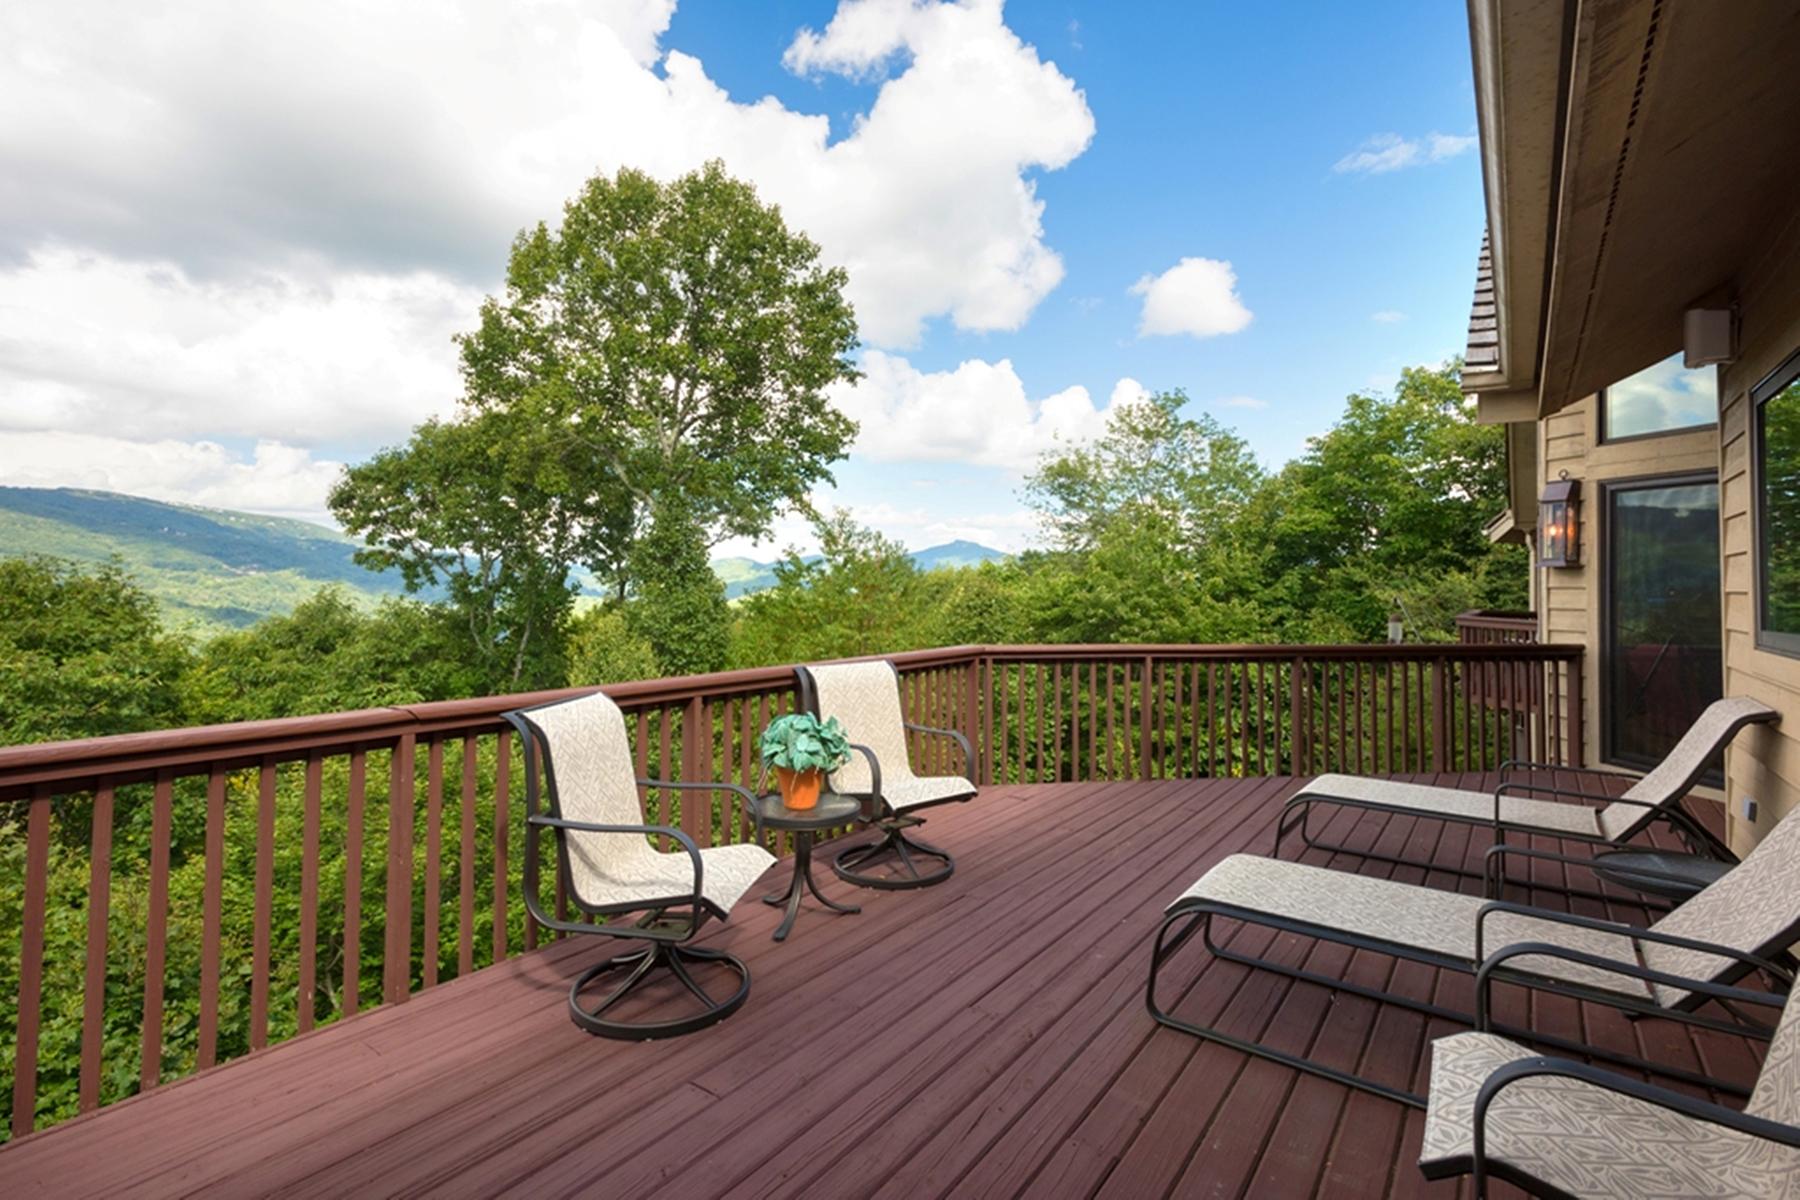 Single Family Home for Sale at BANNER ELK - ELK RIVER 498 Wren Way, Banner Elk, North Carolina 28604 United States